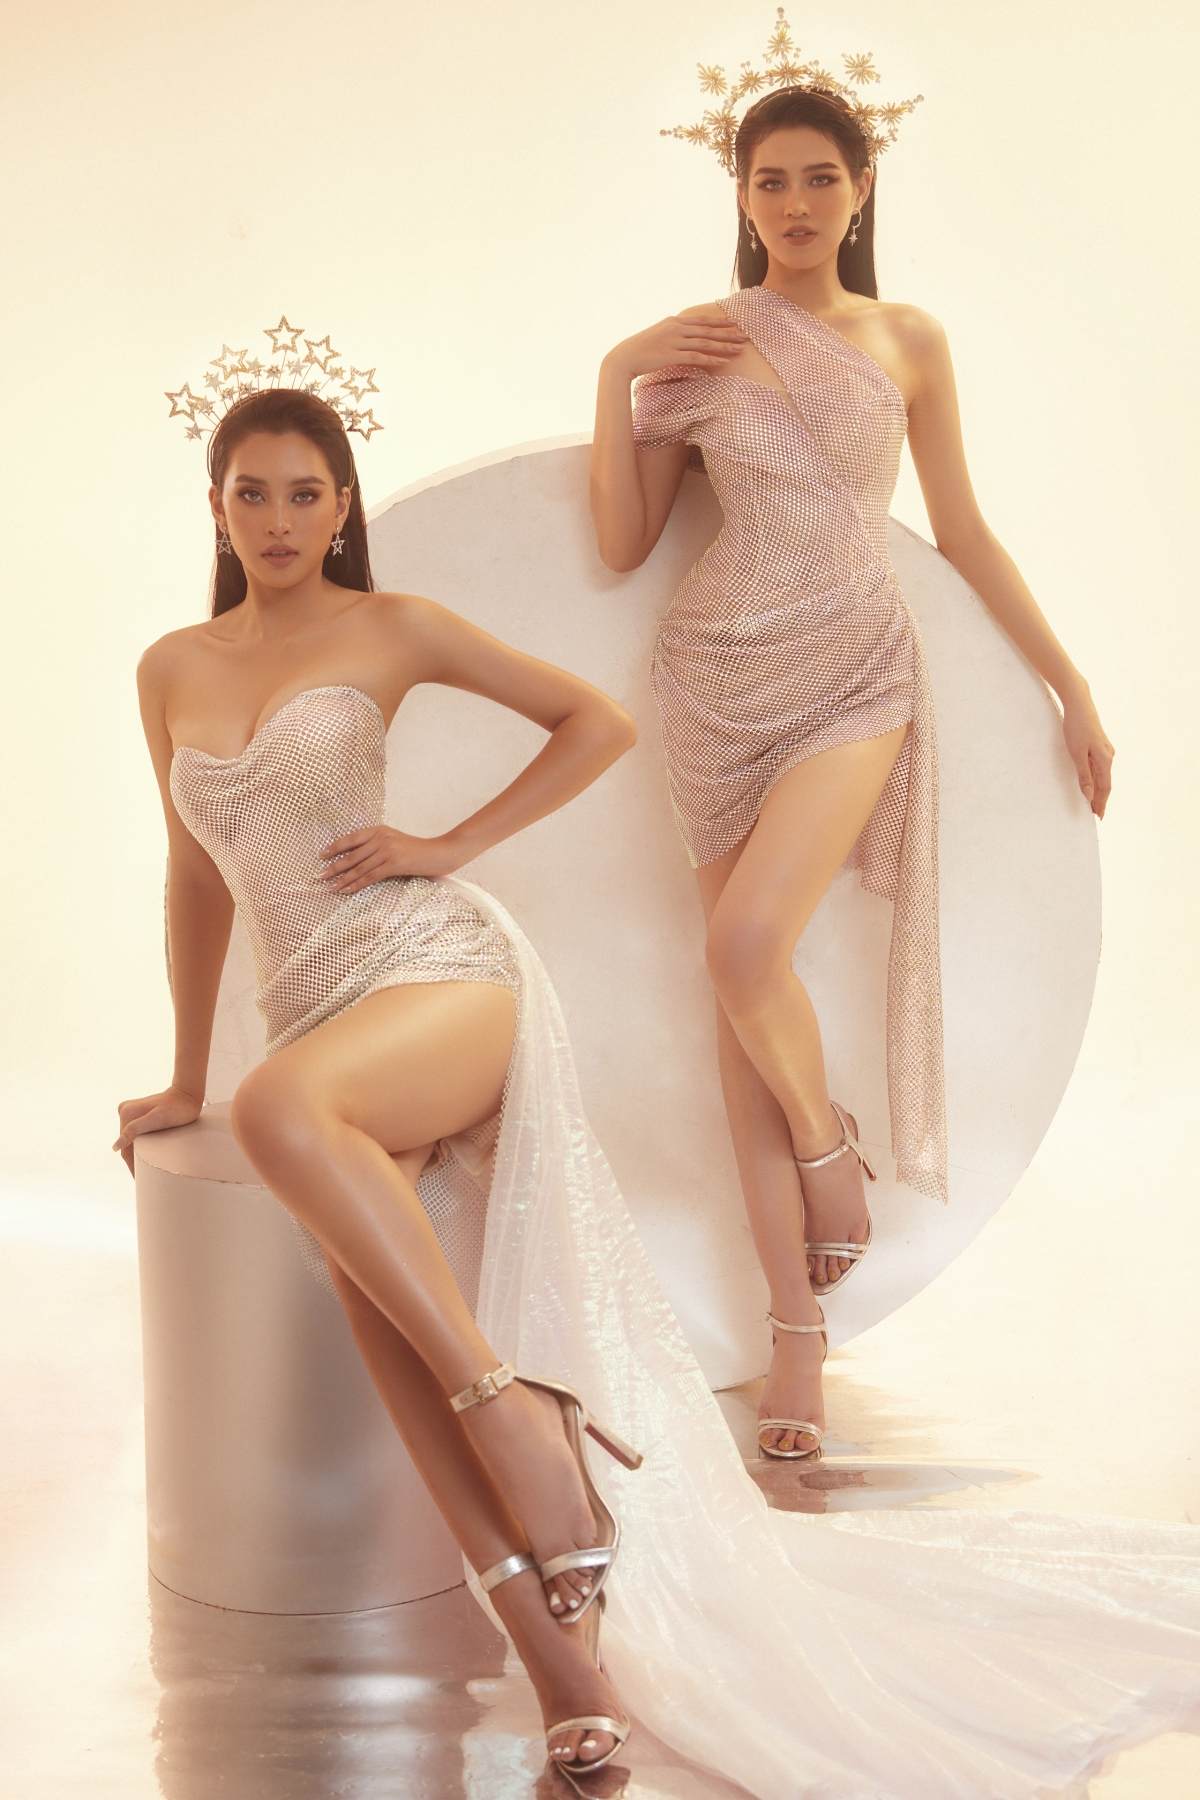 """Nếu Hoa hậu Tiểu Vy được đánh giá cao bởi body nóng bỏng """"chặt chém"""" cả 3 vòng thì Đỗ Thị Hà lại gây ấn tượng bởi đôi chân thon dài """"thương hiệu"""". Chất liệu lưới có độ mềm mại vừa phải, nhẹ ôm theo body kết hợp cùng pha lê lấp lánh mang lại độ sang trọng cho trang phục."""